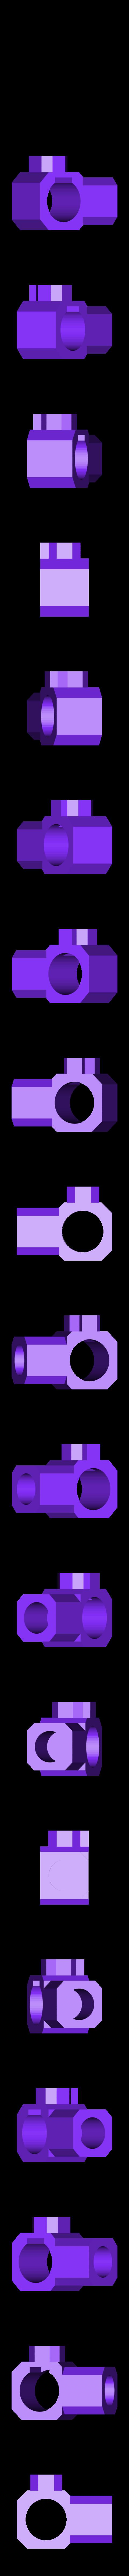 MSTubeConnector.stl Télécharger fichier STL gratuit Support de microscope USB • Design pour impression 3D, Duskwin